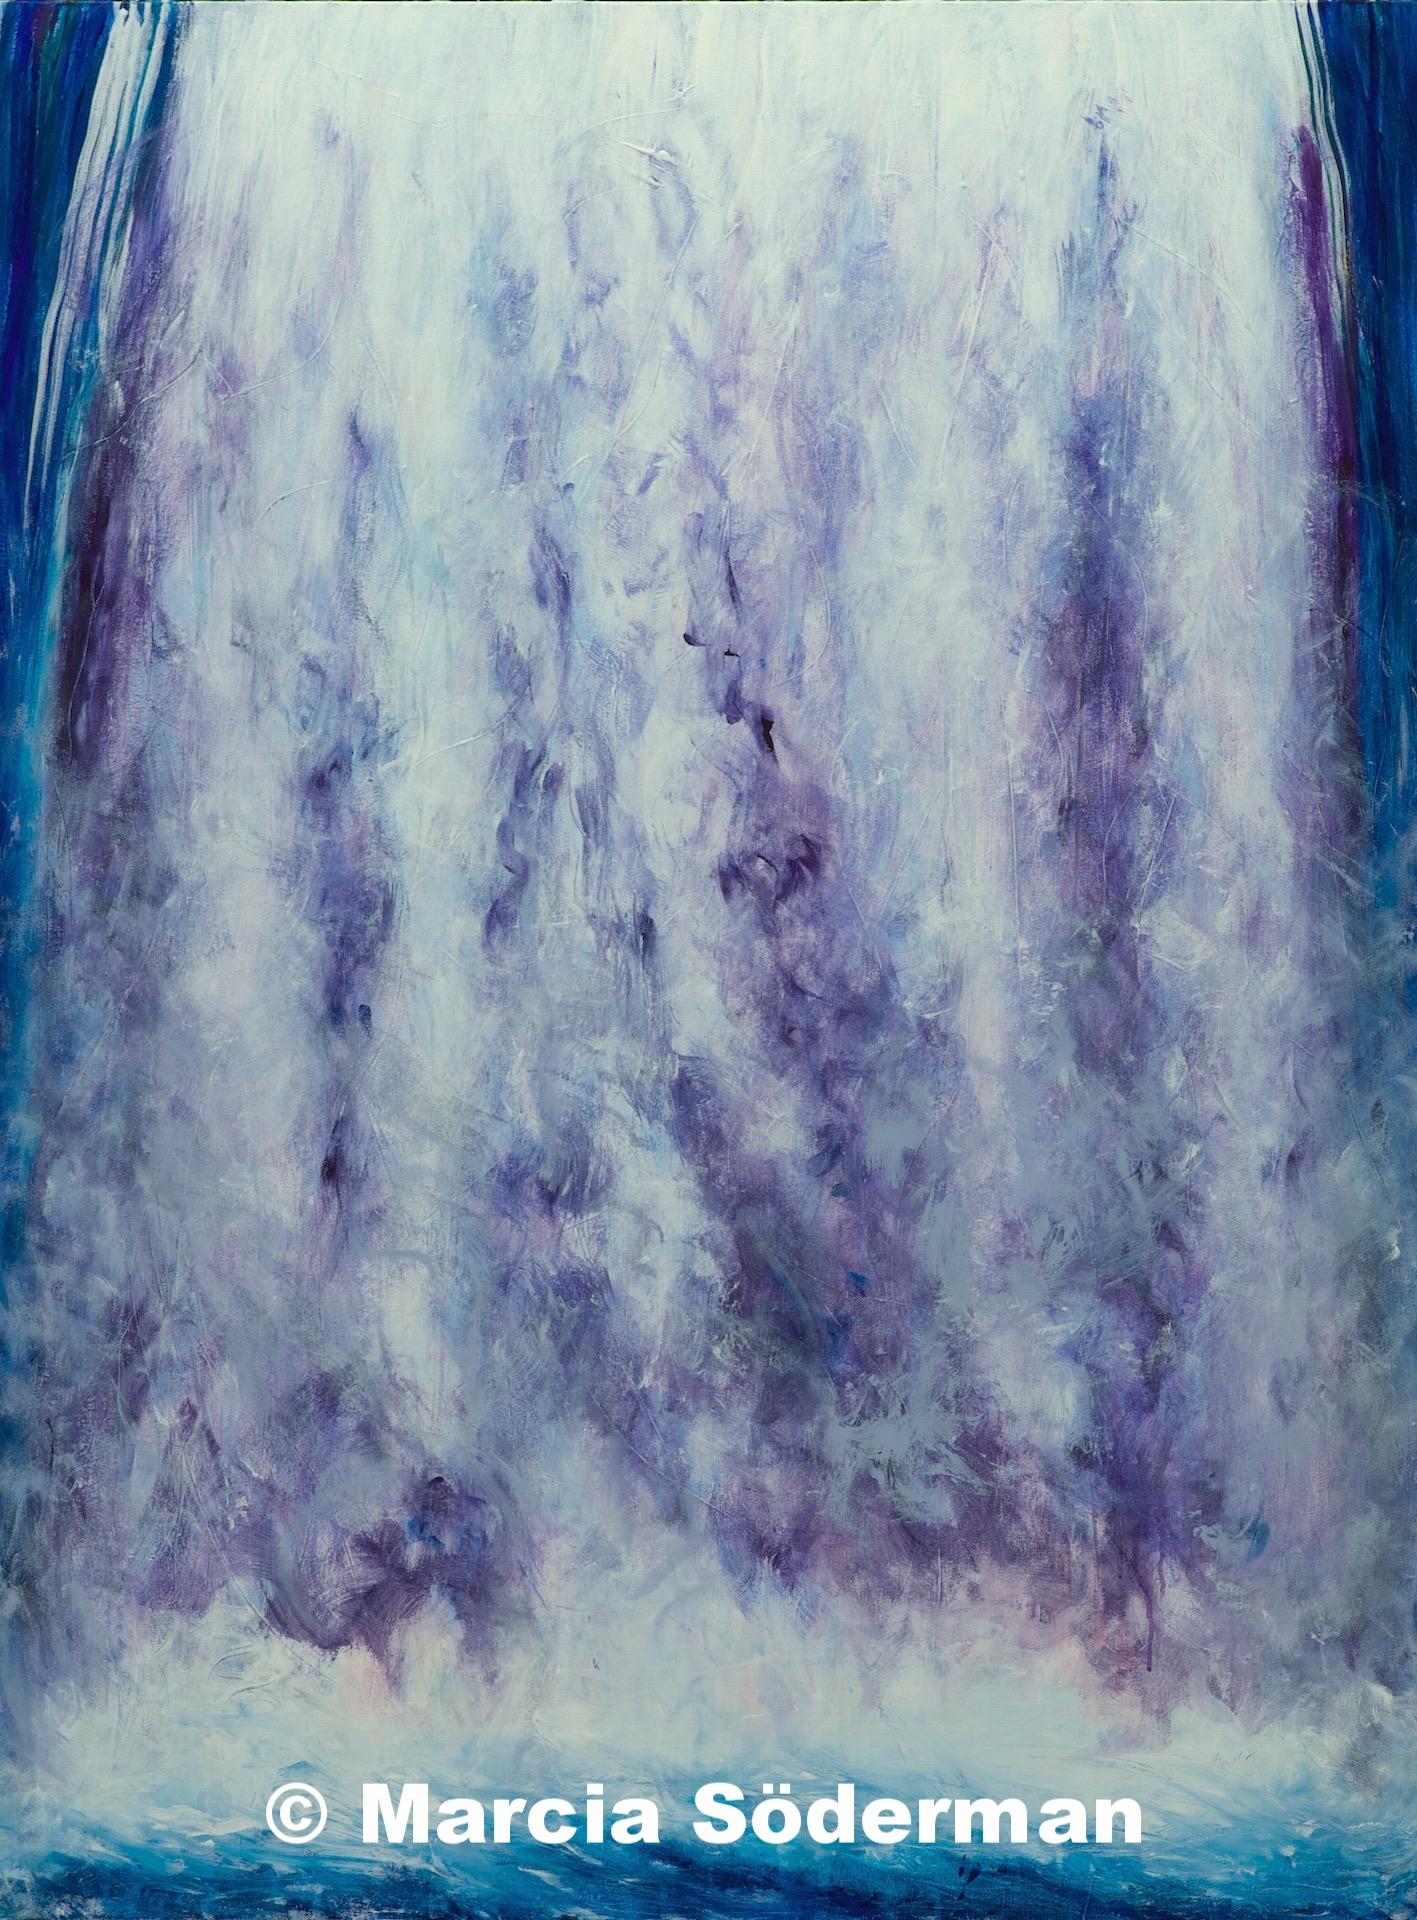 Falling Water no. 1